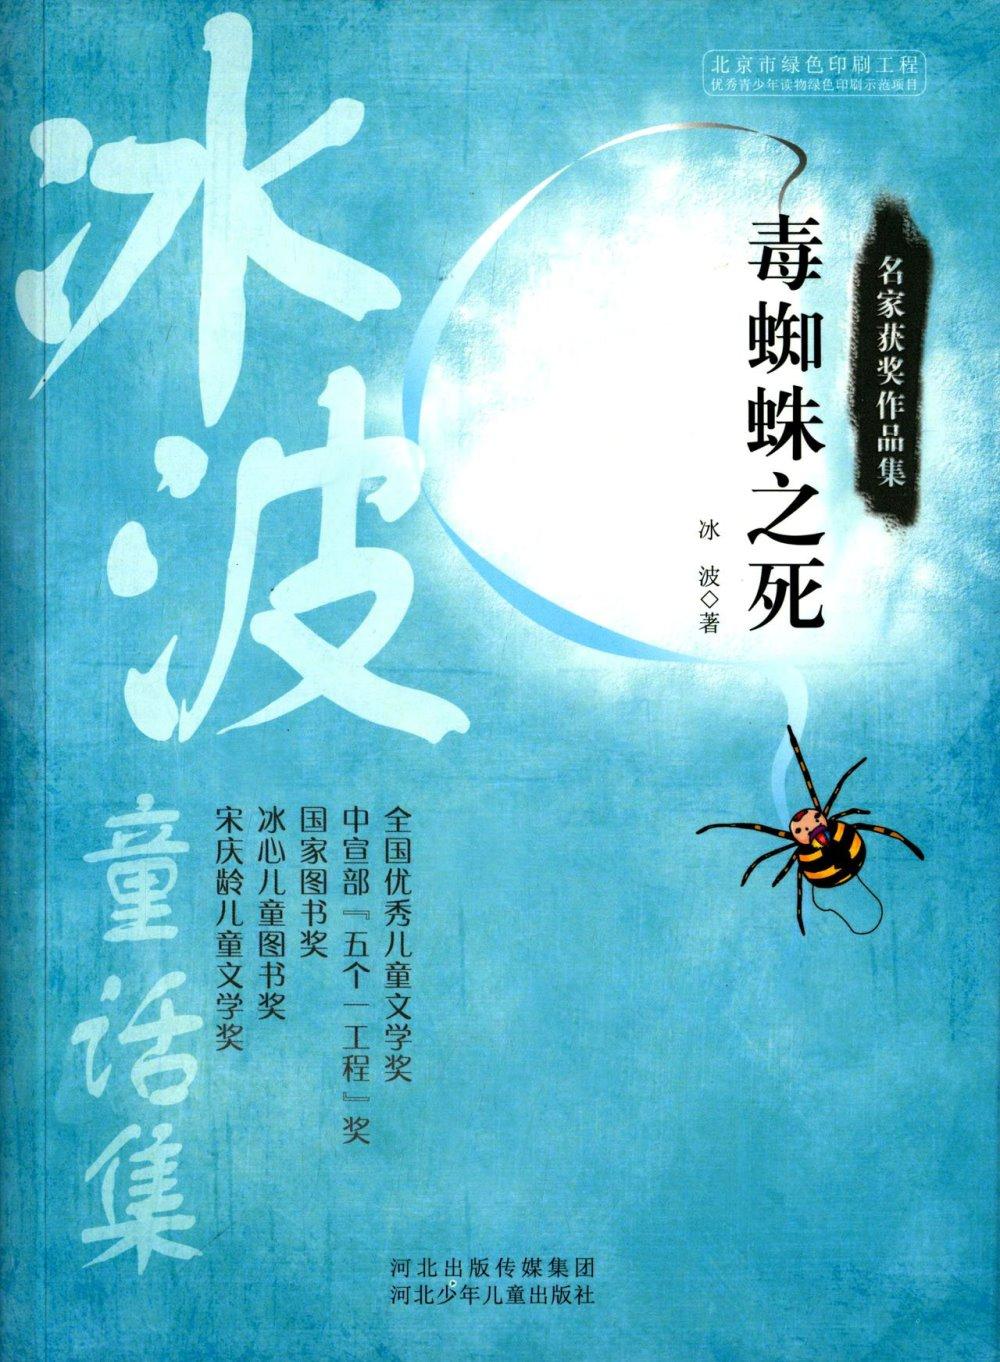 名家獲獎作品集:毒蜘蛛之死